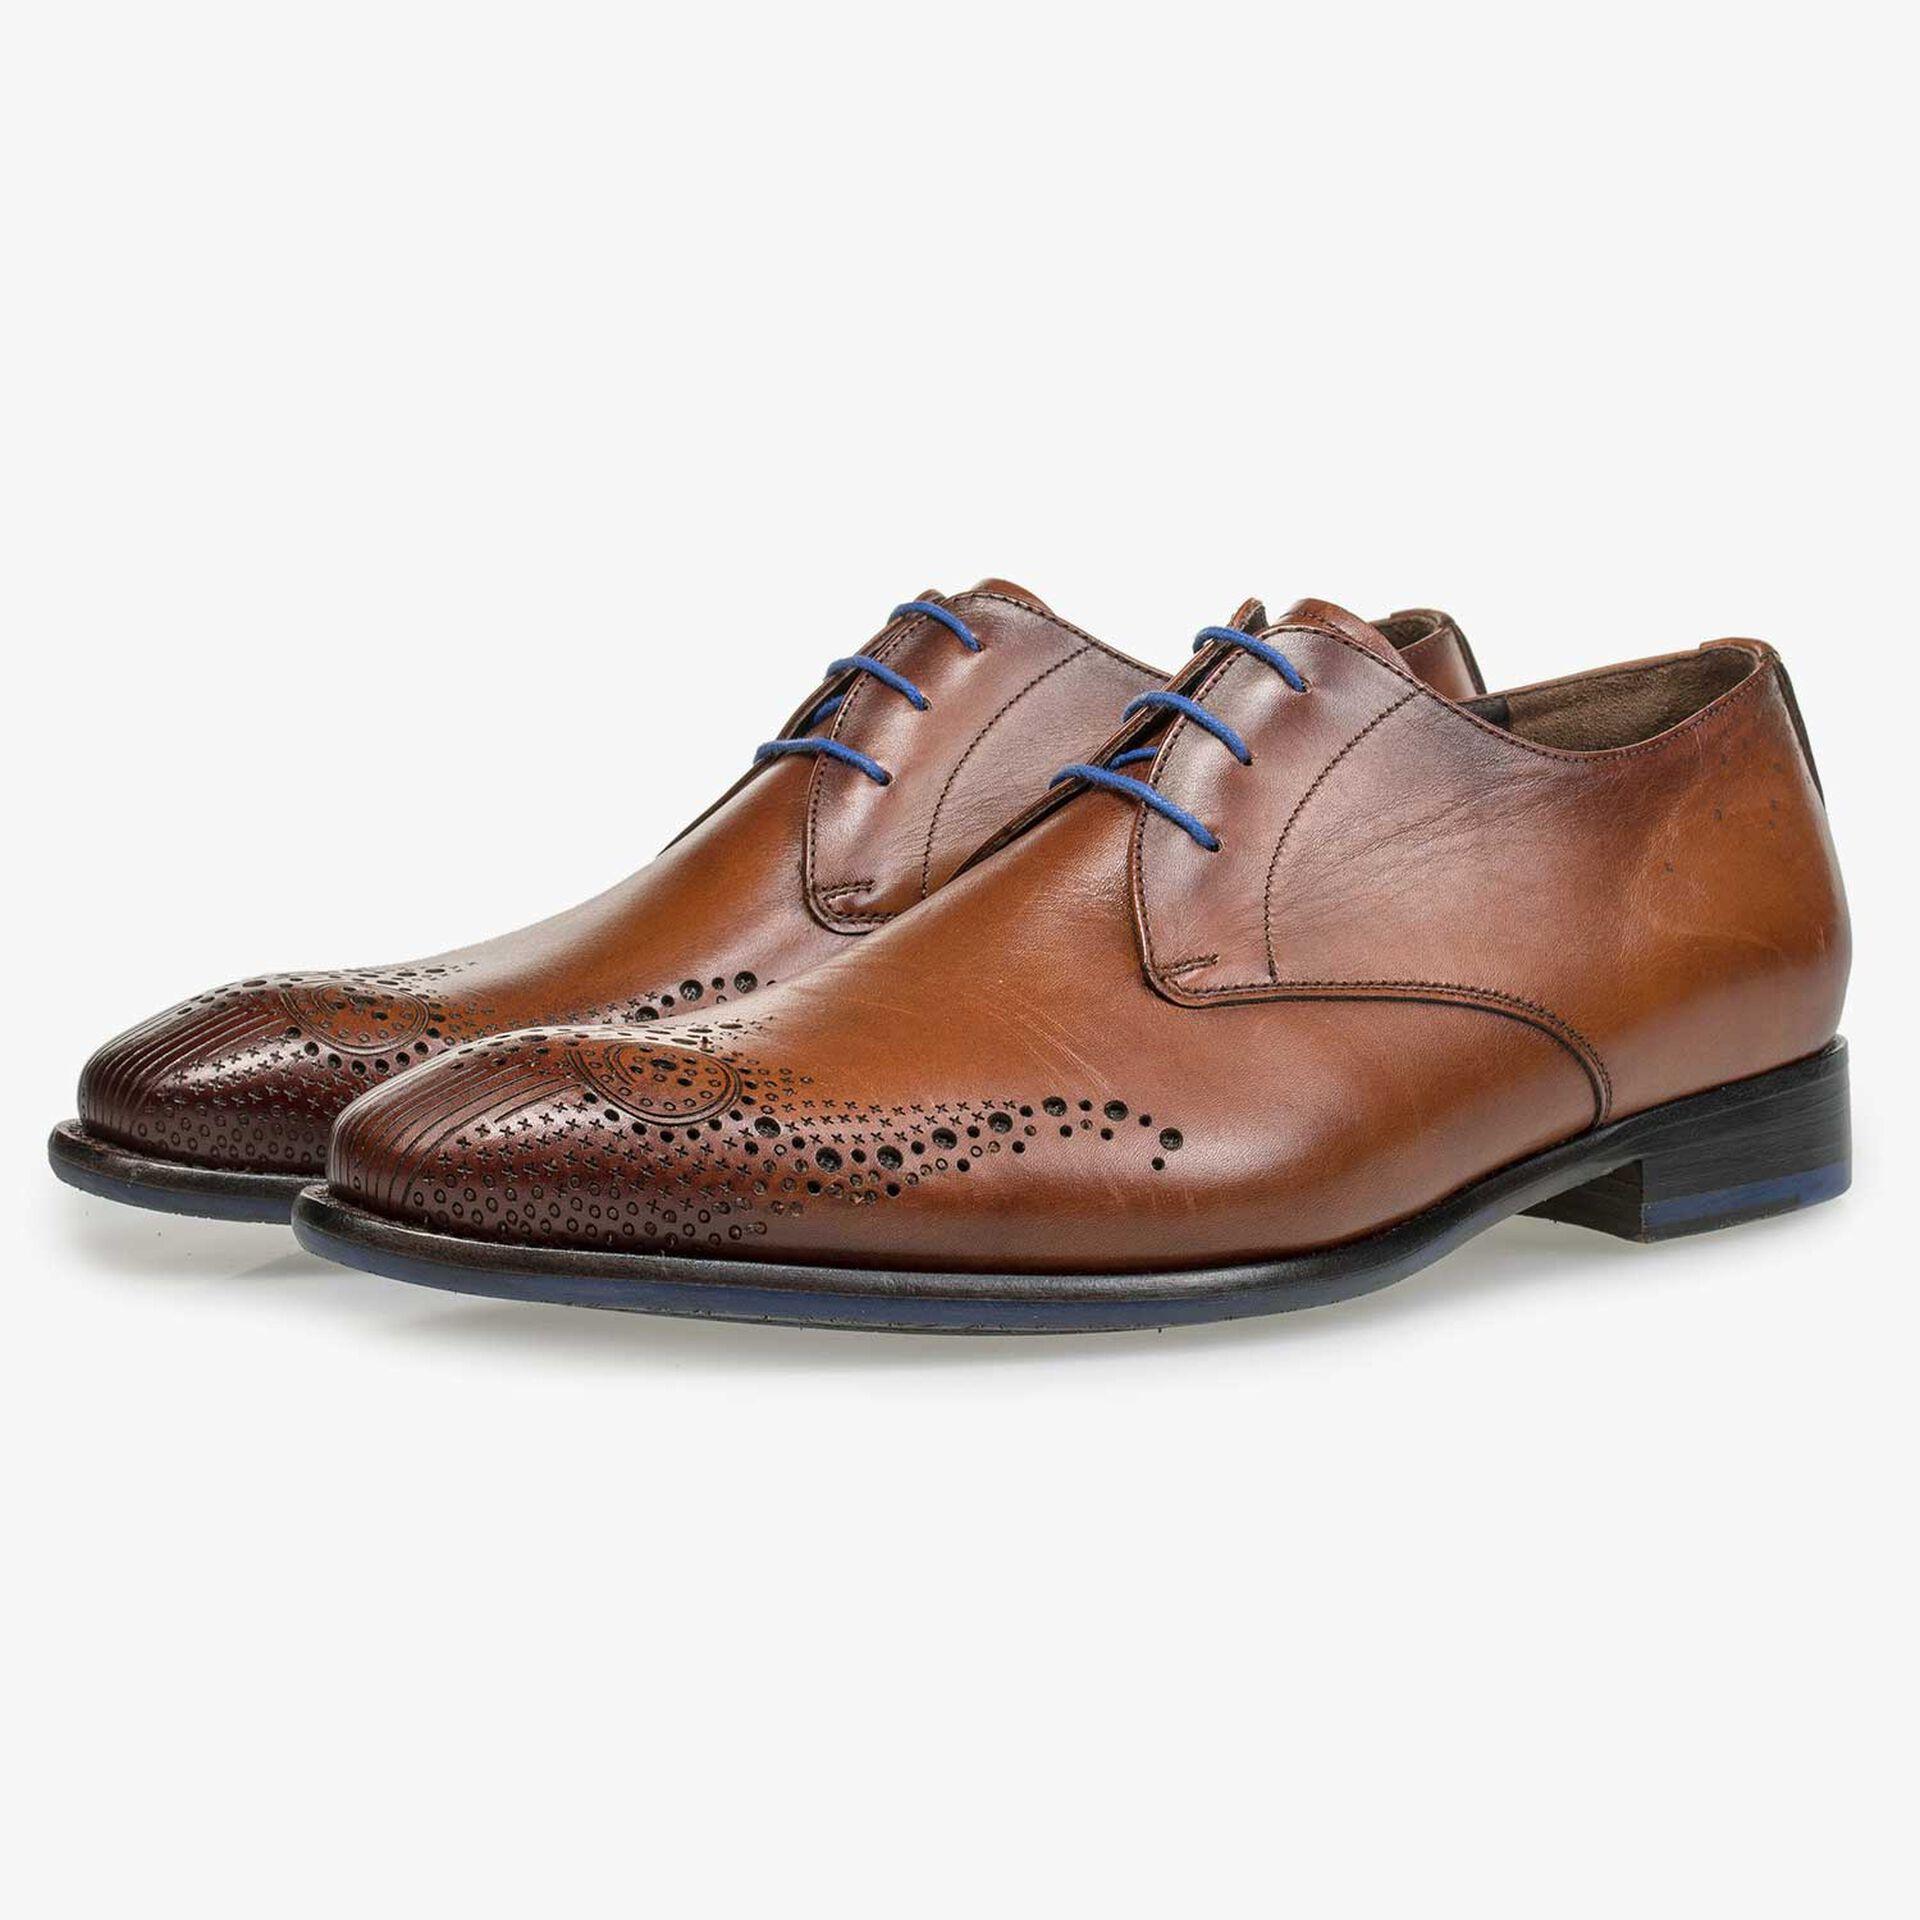 Cognac-coloured lace shoe with brogue details